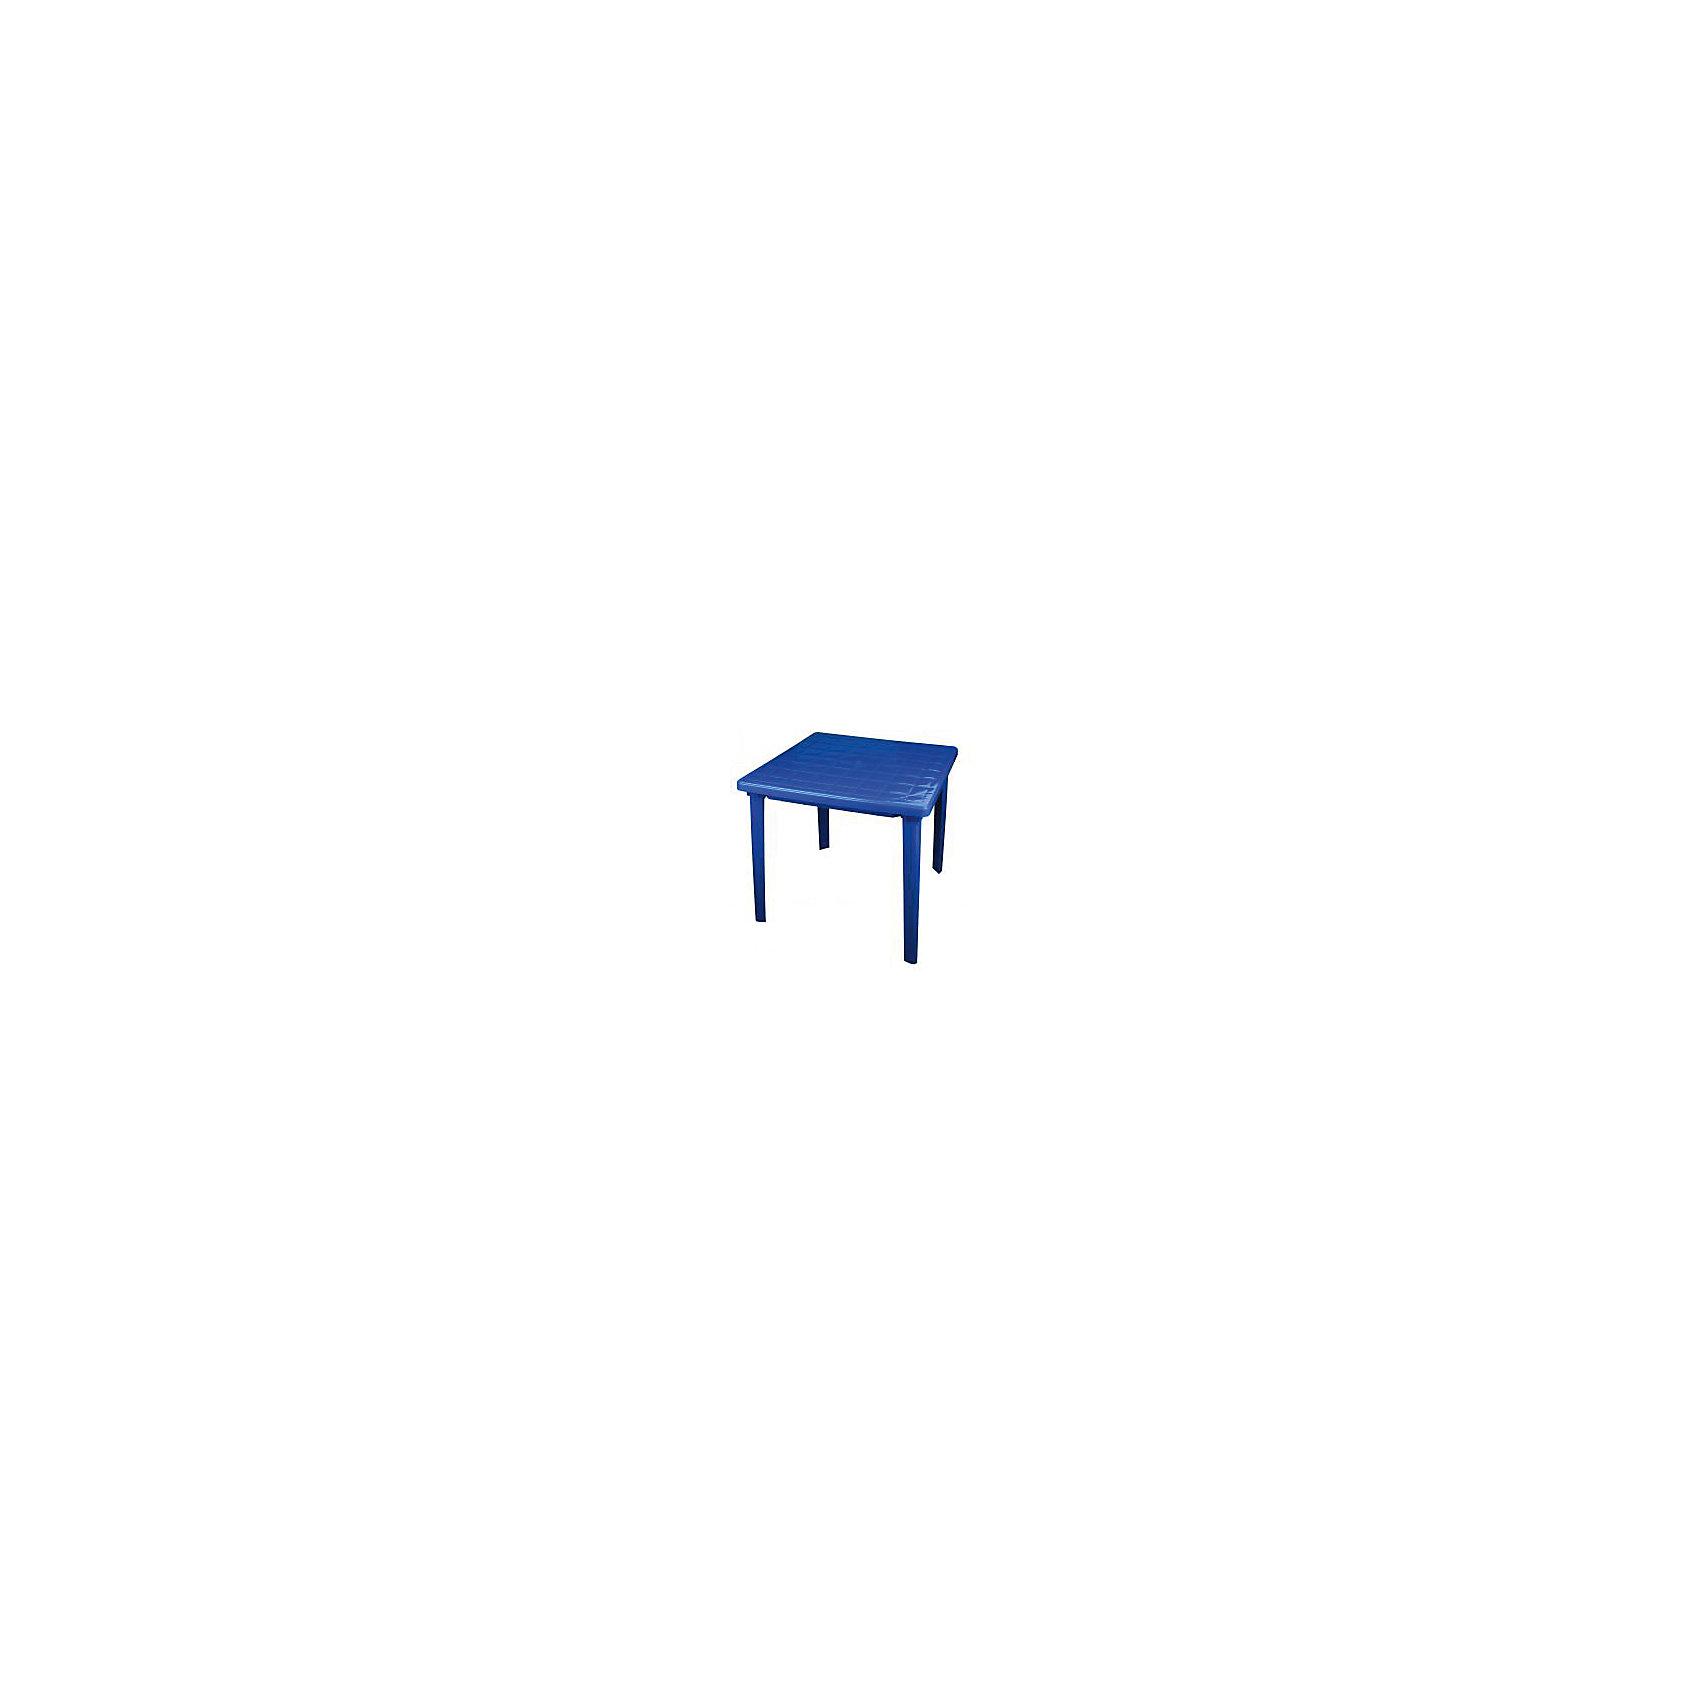 Стол квадратный 800х800х740, Alternativa, синийДетские столы и стулья<br>Стол квадратный 800х800х740, Alternativa (Альтернатива), синий<br><br>Характеристики:<br><br>• лаконичный дизайн<br>• устойчивые ножки<br>• цвет: синий<br>• размер: 80х80х74 см<br>• форма: квадратный<br>• вес: 4,594 кг<br><br>Стол от российского производителя Альтернатива - прекрасный выбор для любителей качественных изделий из пластмассы. Он имеет лаконичный дизайн, подходящий к любой окружающей среде. Стол изготовлен из прочного пластика. Он обладает хорошей износостойкостью и устойчивостью, поэтому использовать его удобно не только дома, но и на даче или отдыхе на природе.<br><br>Стол квадратный 800х800х740, Alternativa (Альтернатива), синий можно купить в нашем интернет-магазине.<br><br>Ширина мм: 800<br>Глубина мм: 800<br>Высота мм: 740<br>Вес г: 4594<br>Возраст от месяцев: 216<br>Возраст до месяцев: 1188<br>Пол: Унисекс<br>Возраст: Детский<br>SKU: 5475677